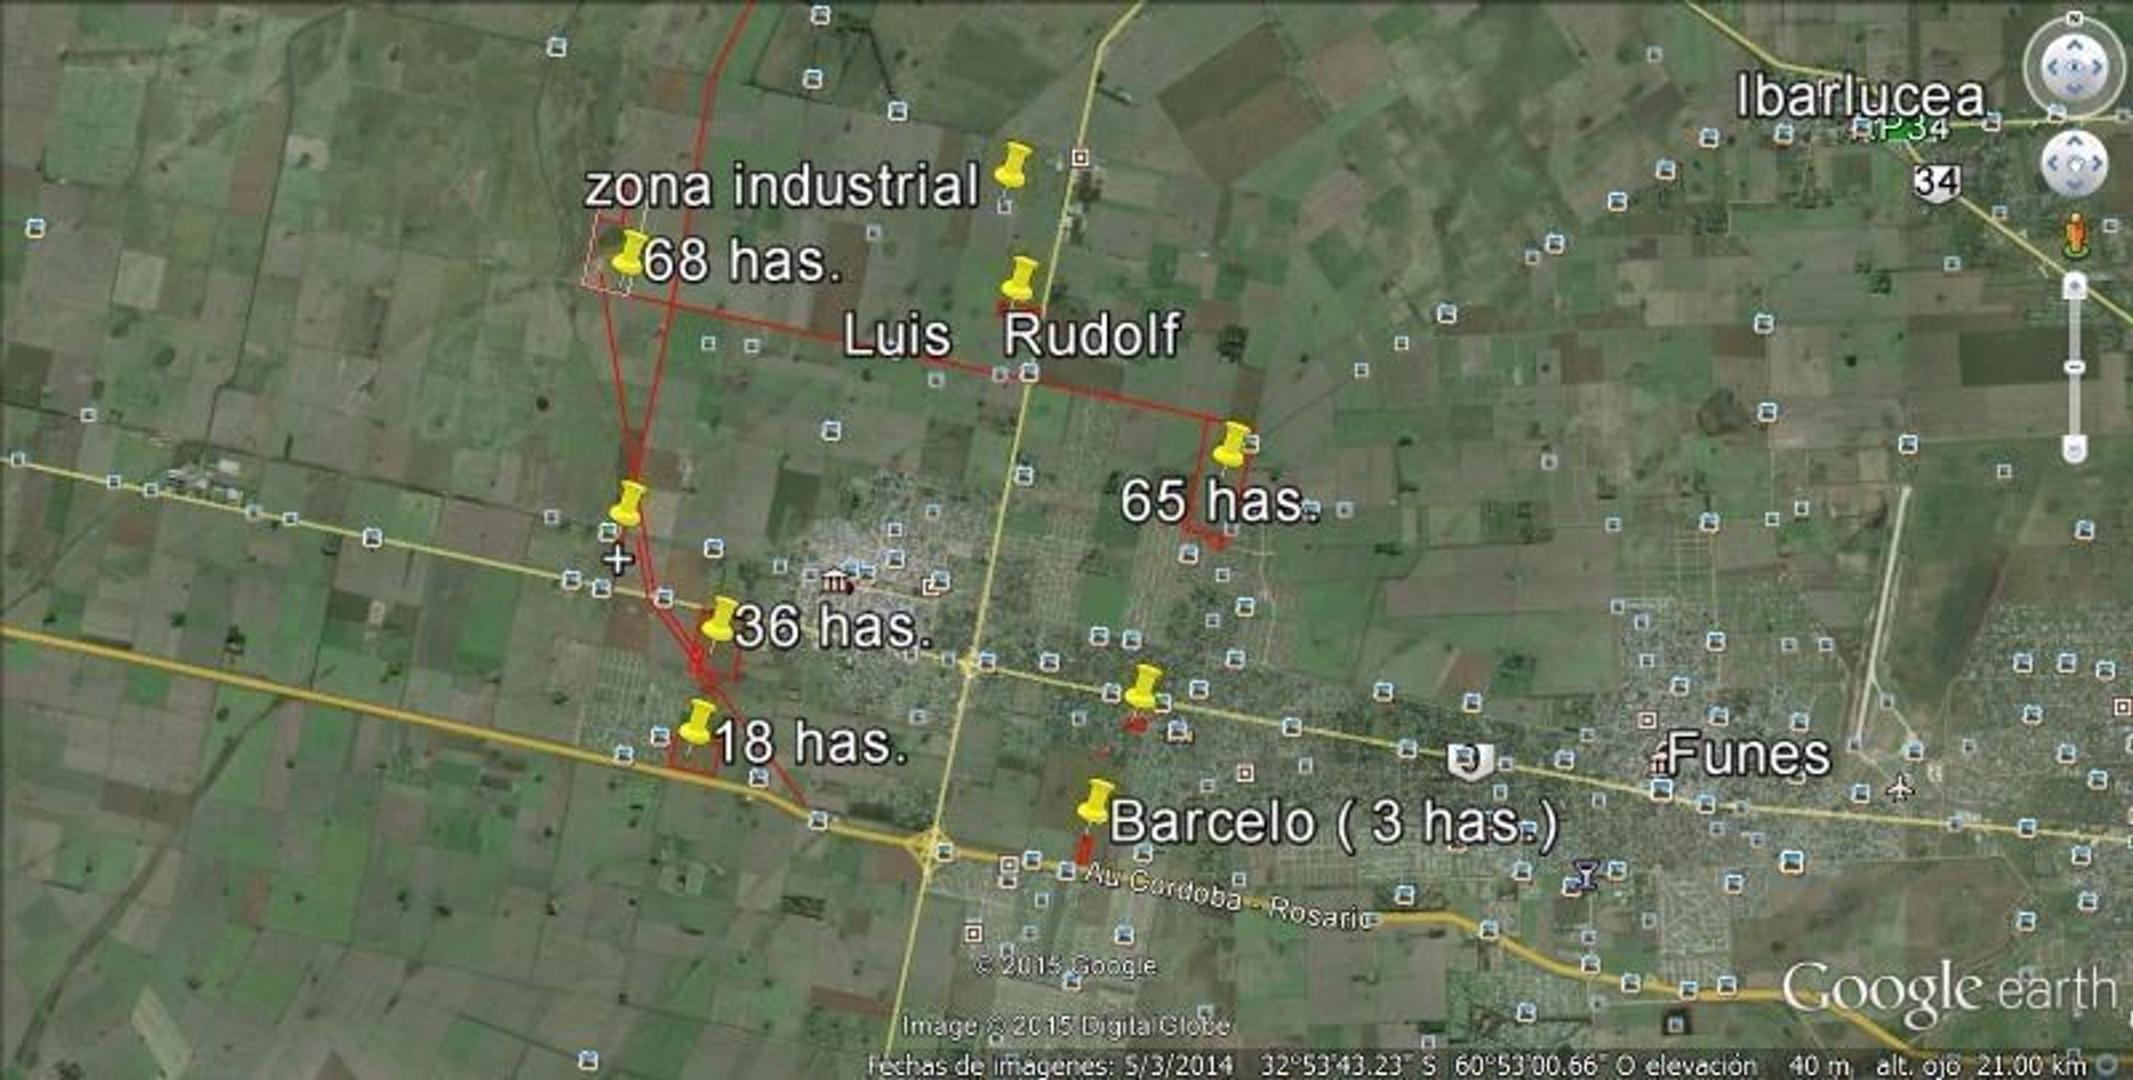 Fracción a la venta Roldán. 3 ha. Autopista Rosario-Córdoba. Entrega Inmediata.